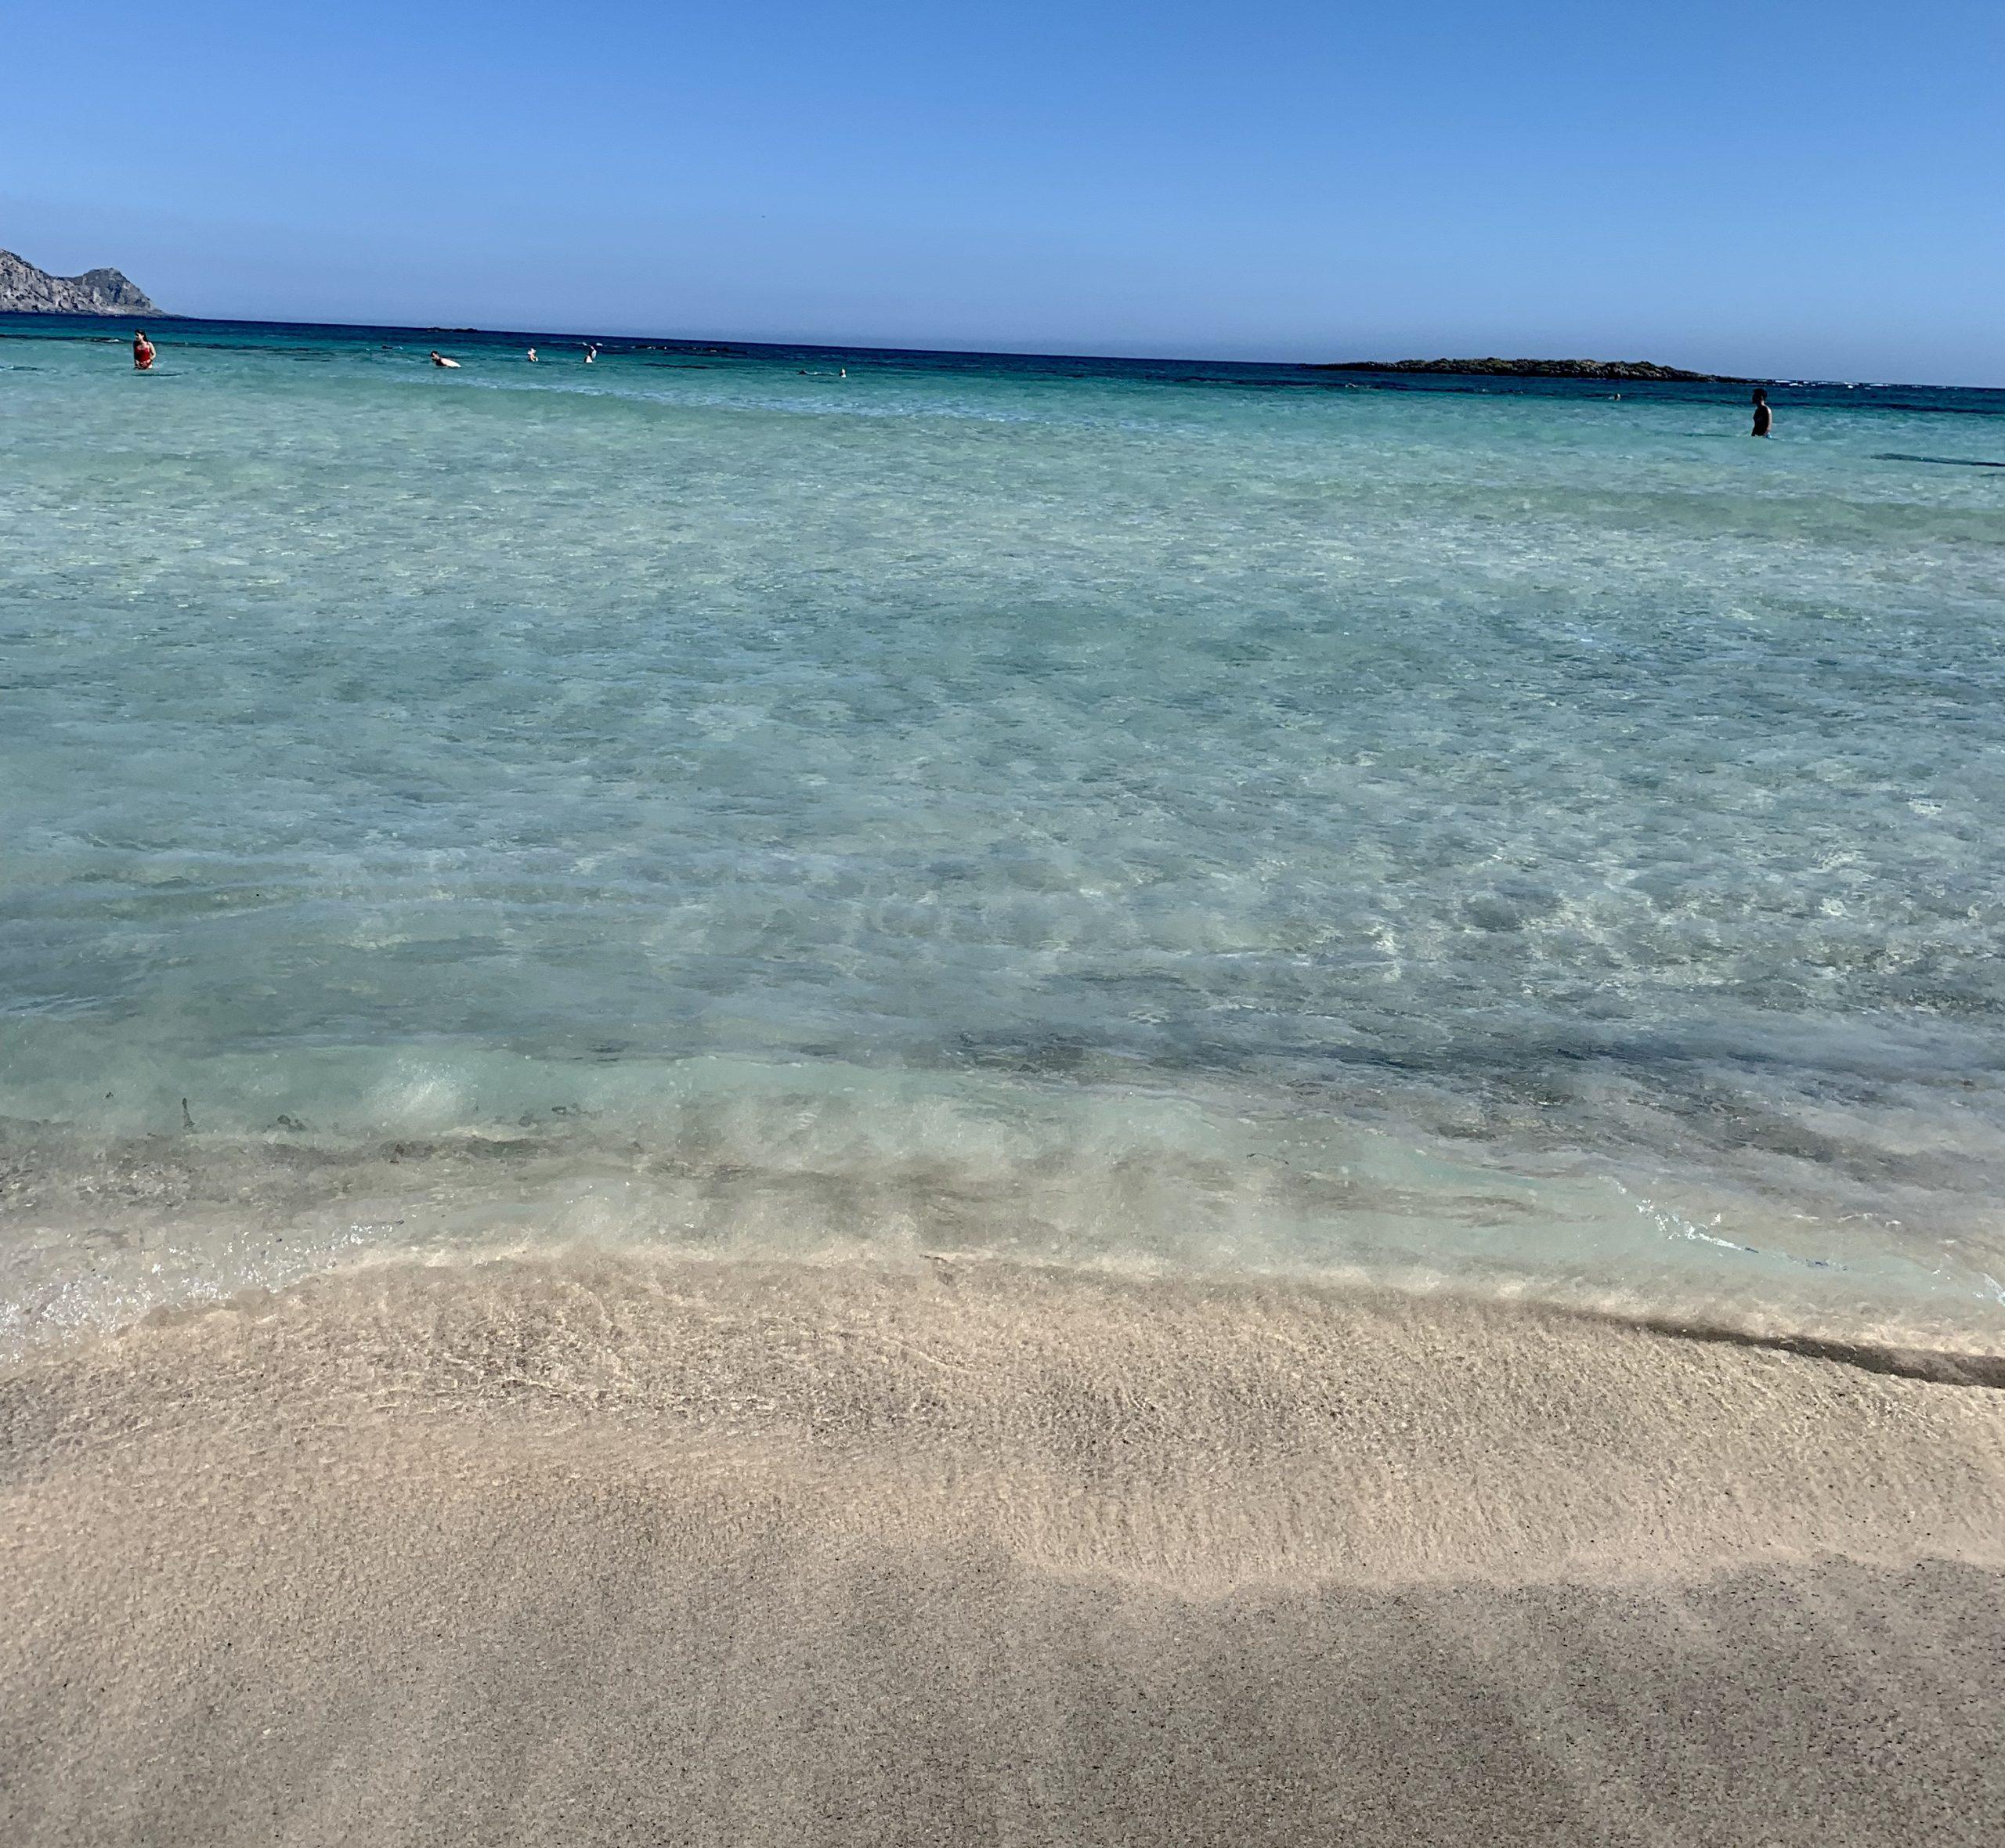 karibik strand elafonisi kreta